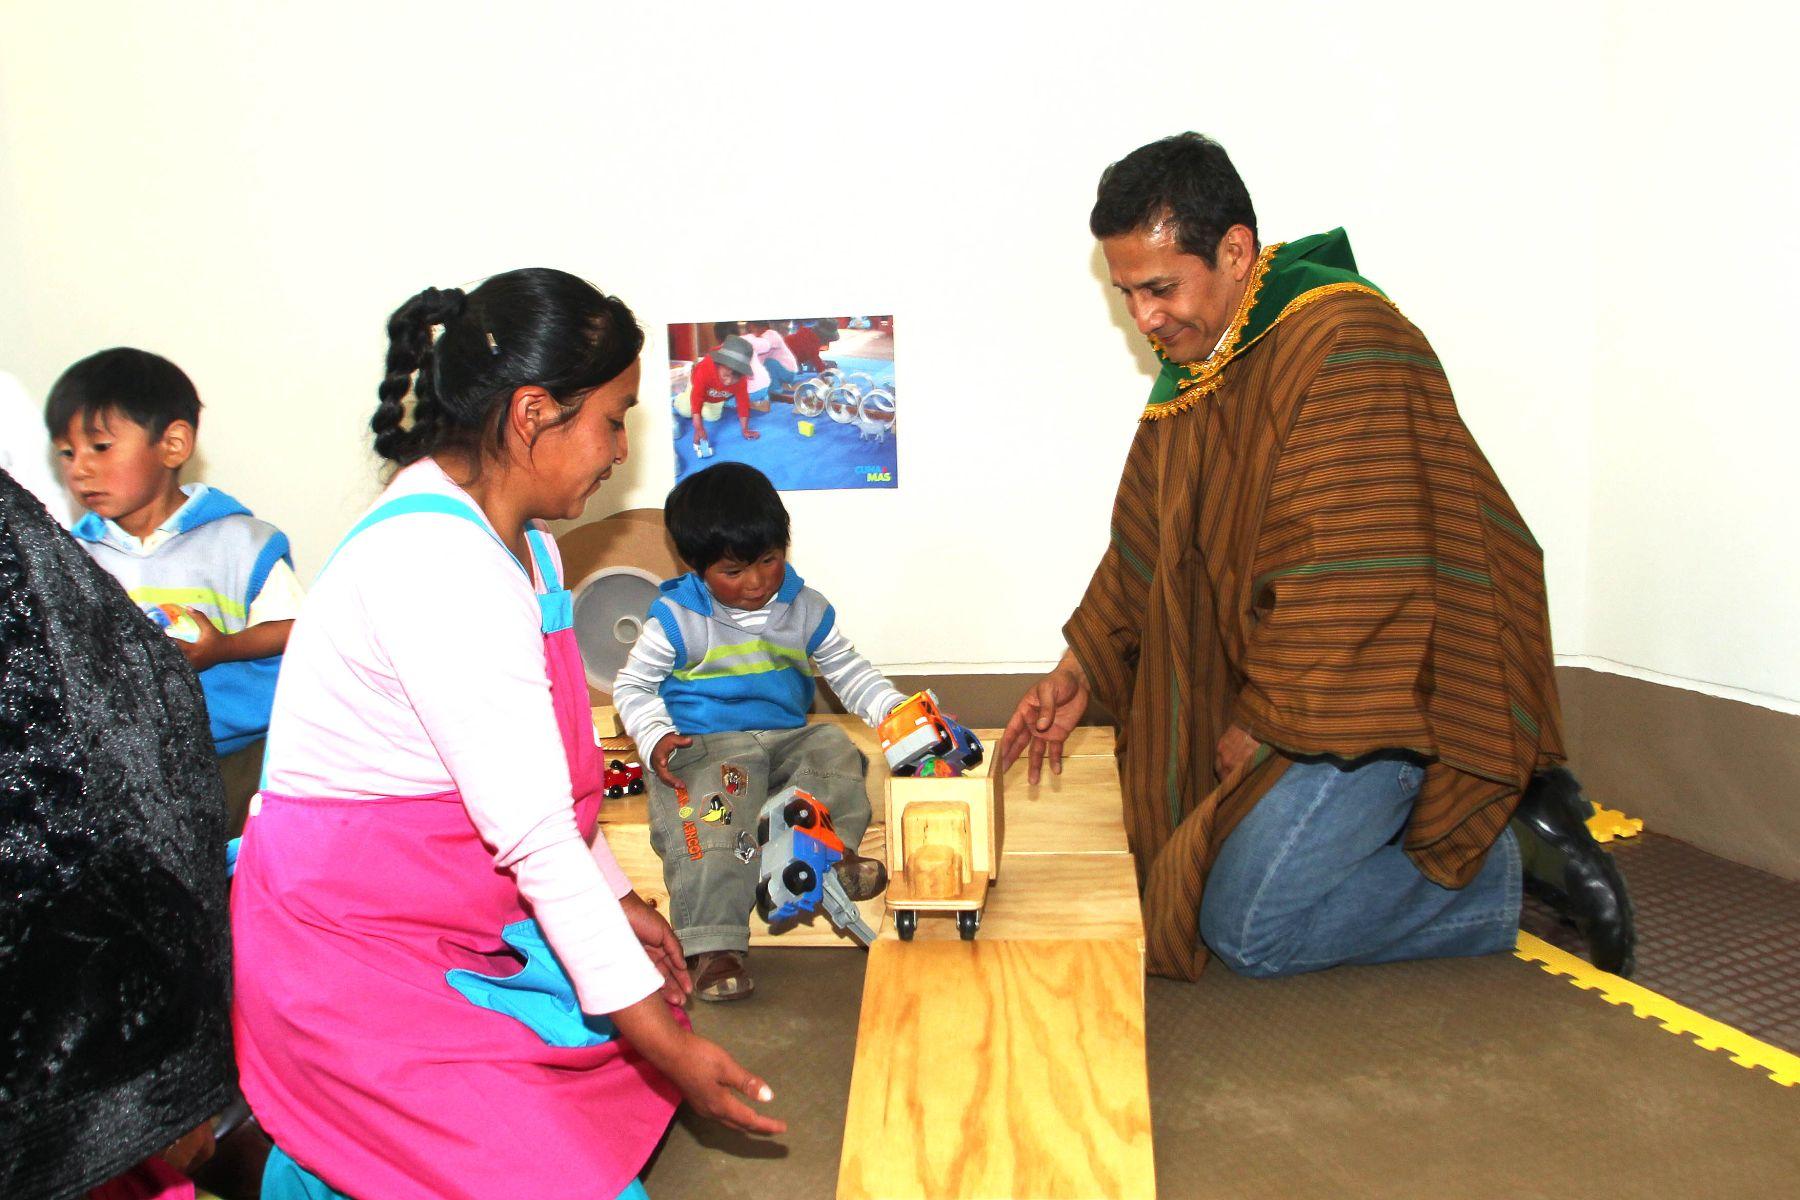 El Presidente Ollanta Humala inauguró un centro de atención integral Cuna Más en el distrito de Acraquia, en el marco de este Cuarto Consejo de Ministros Descentralizado. ANDINA/Prensa Presidencia